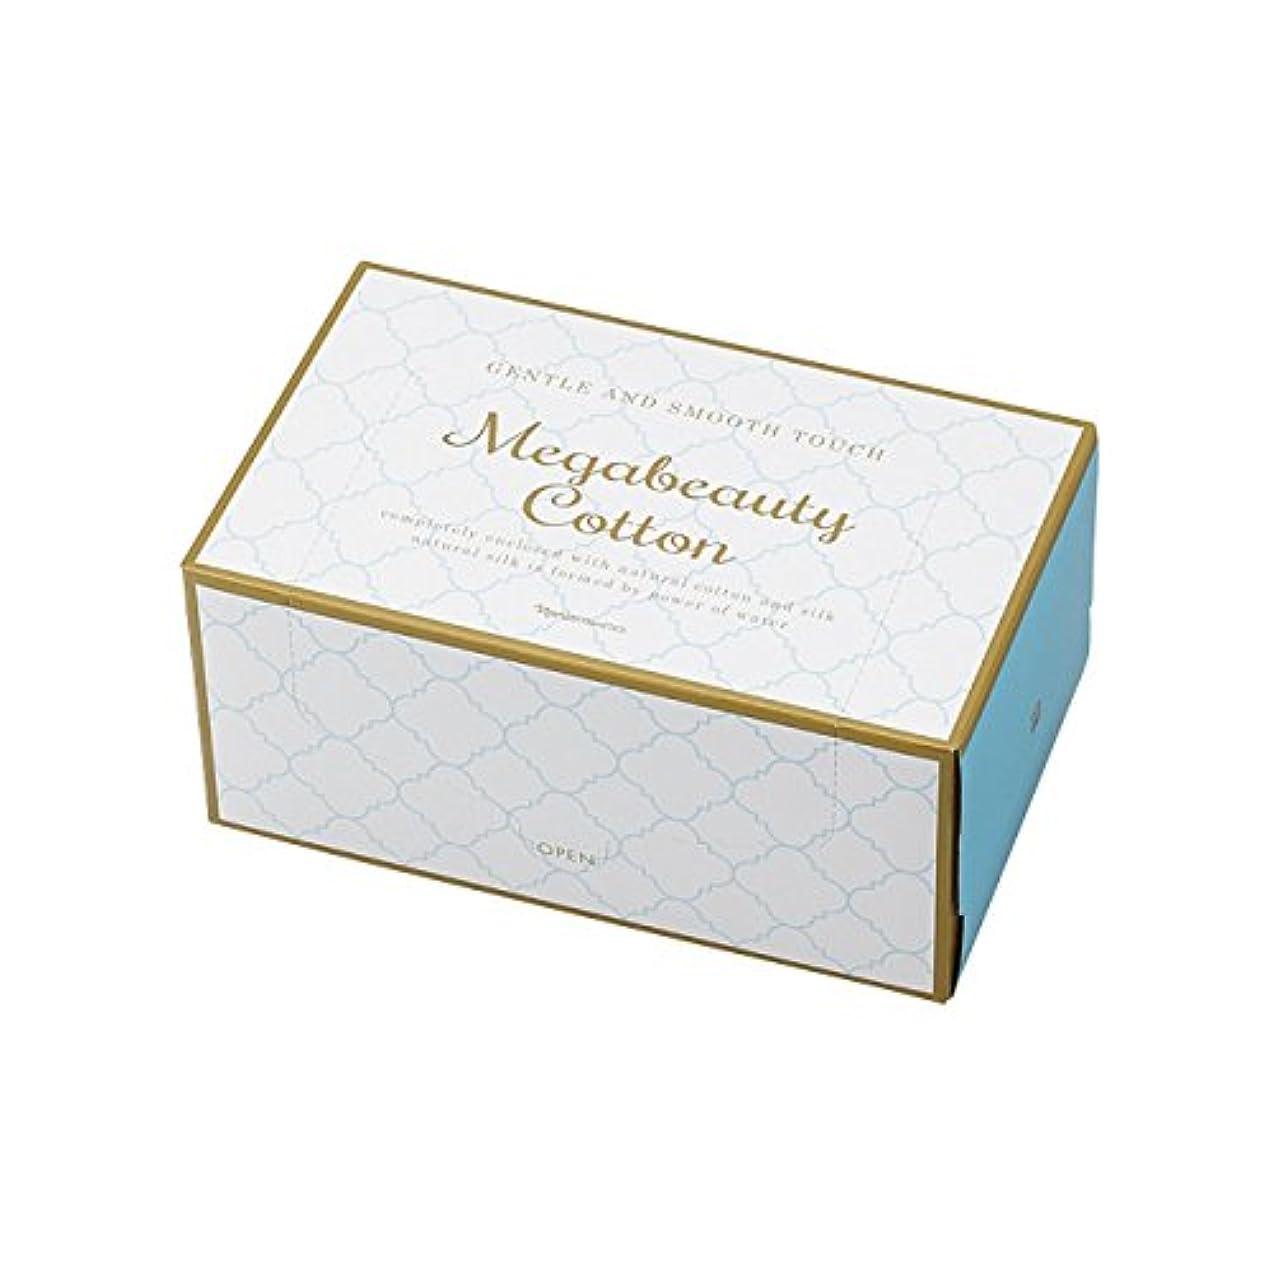 変更可能ワードローブ磨かれたナリス化粧品 メガビューティー 美顔器 コットン (10個セット)